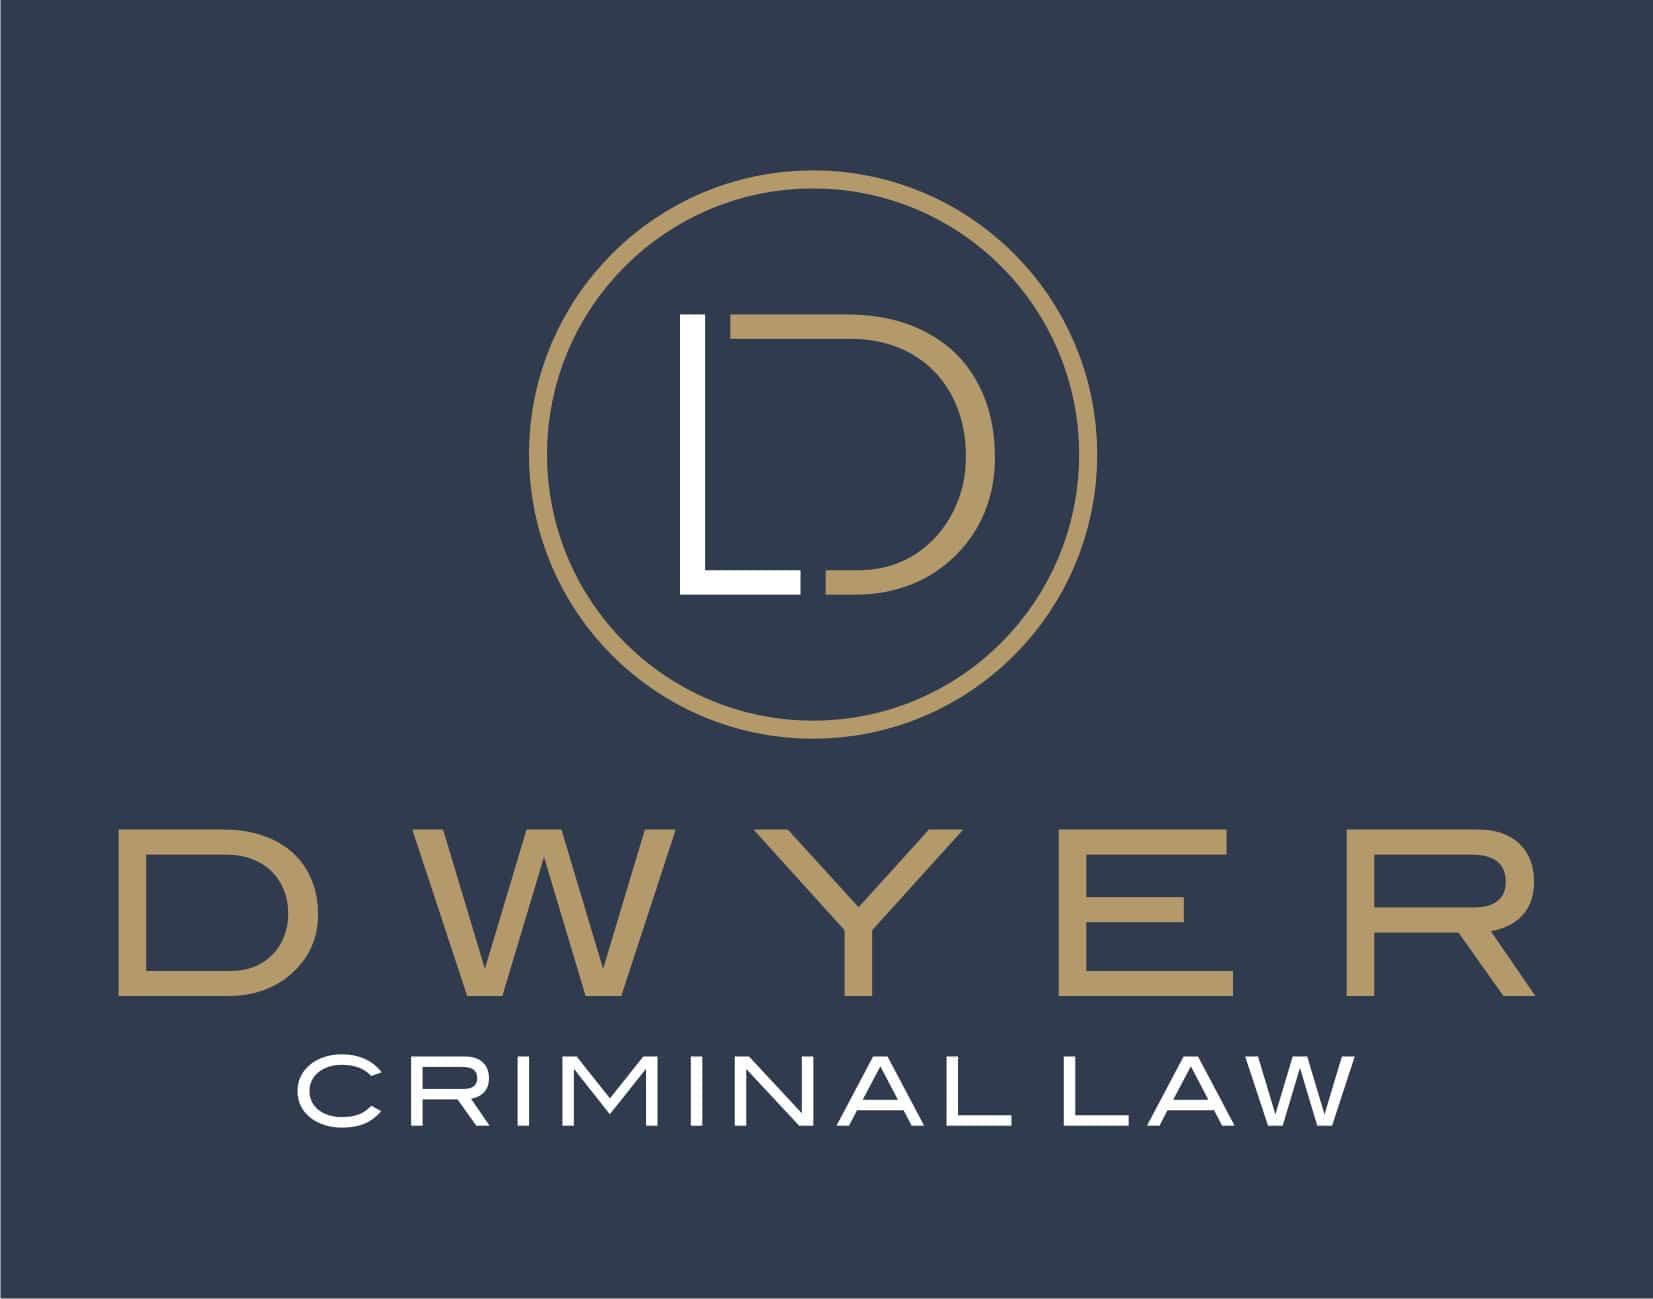 Dwyer Criminal Law logo